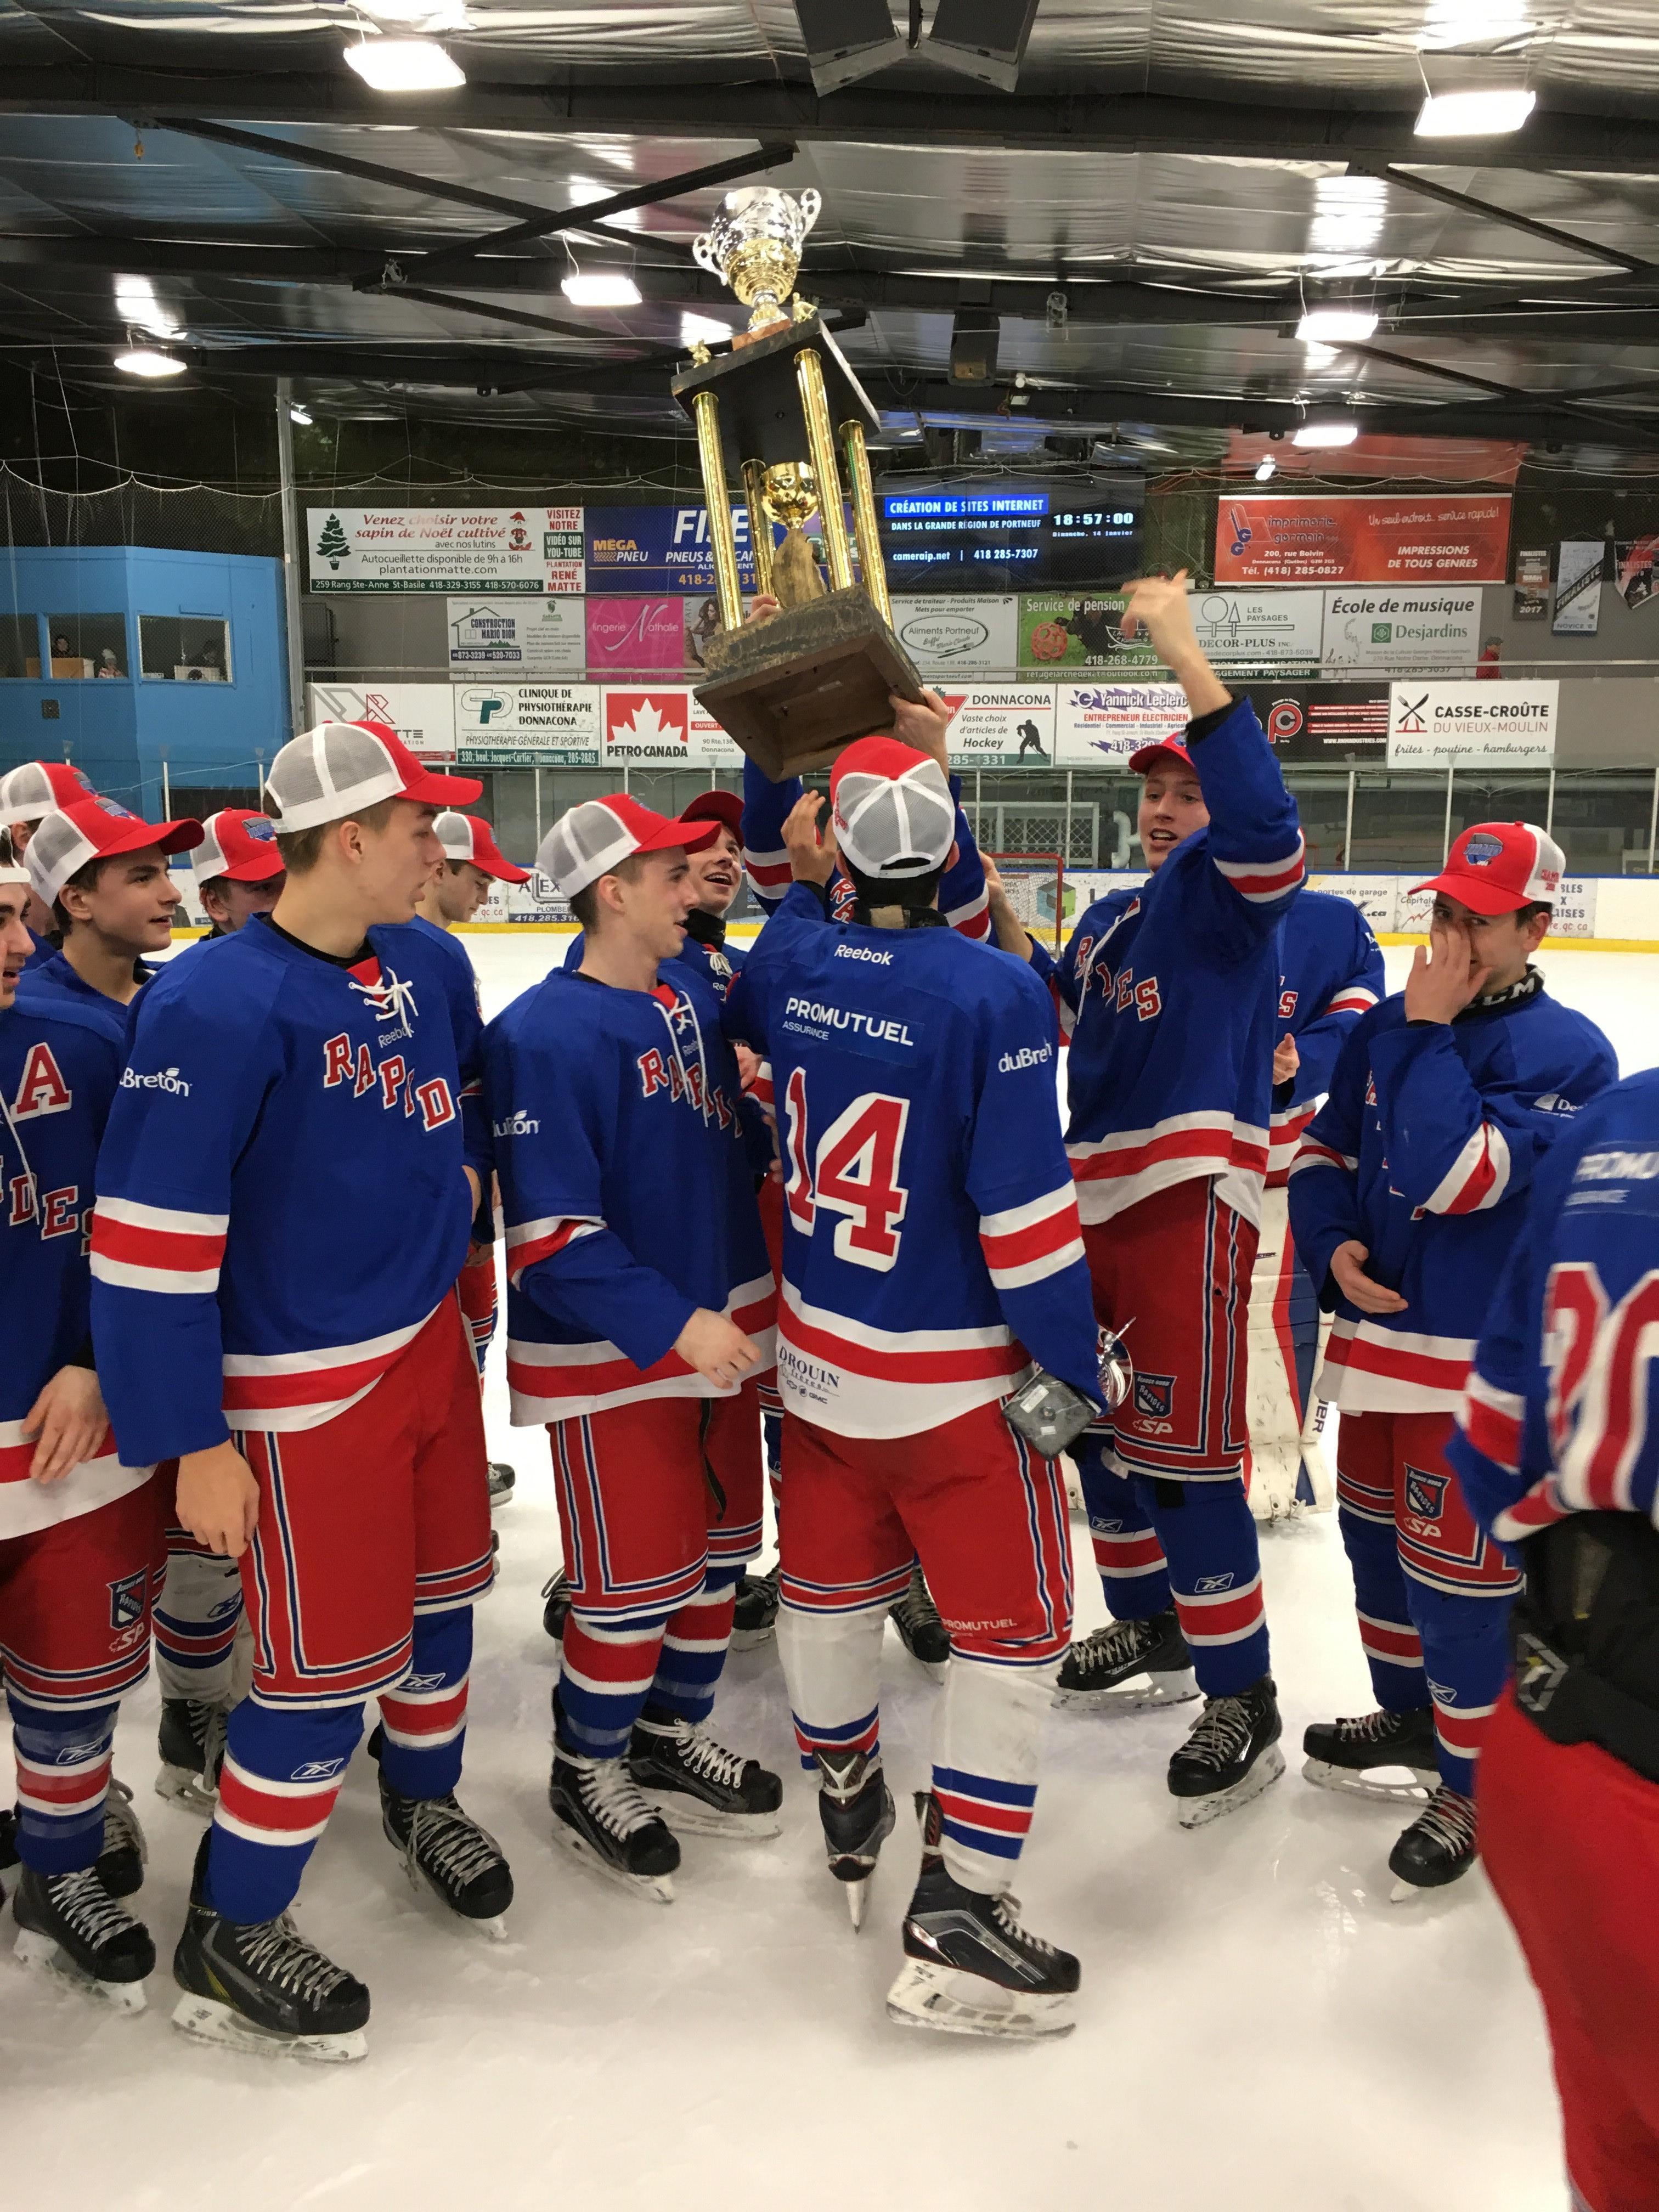 B hockey midget tournoi